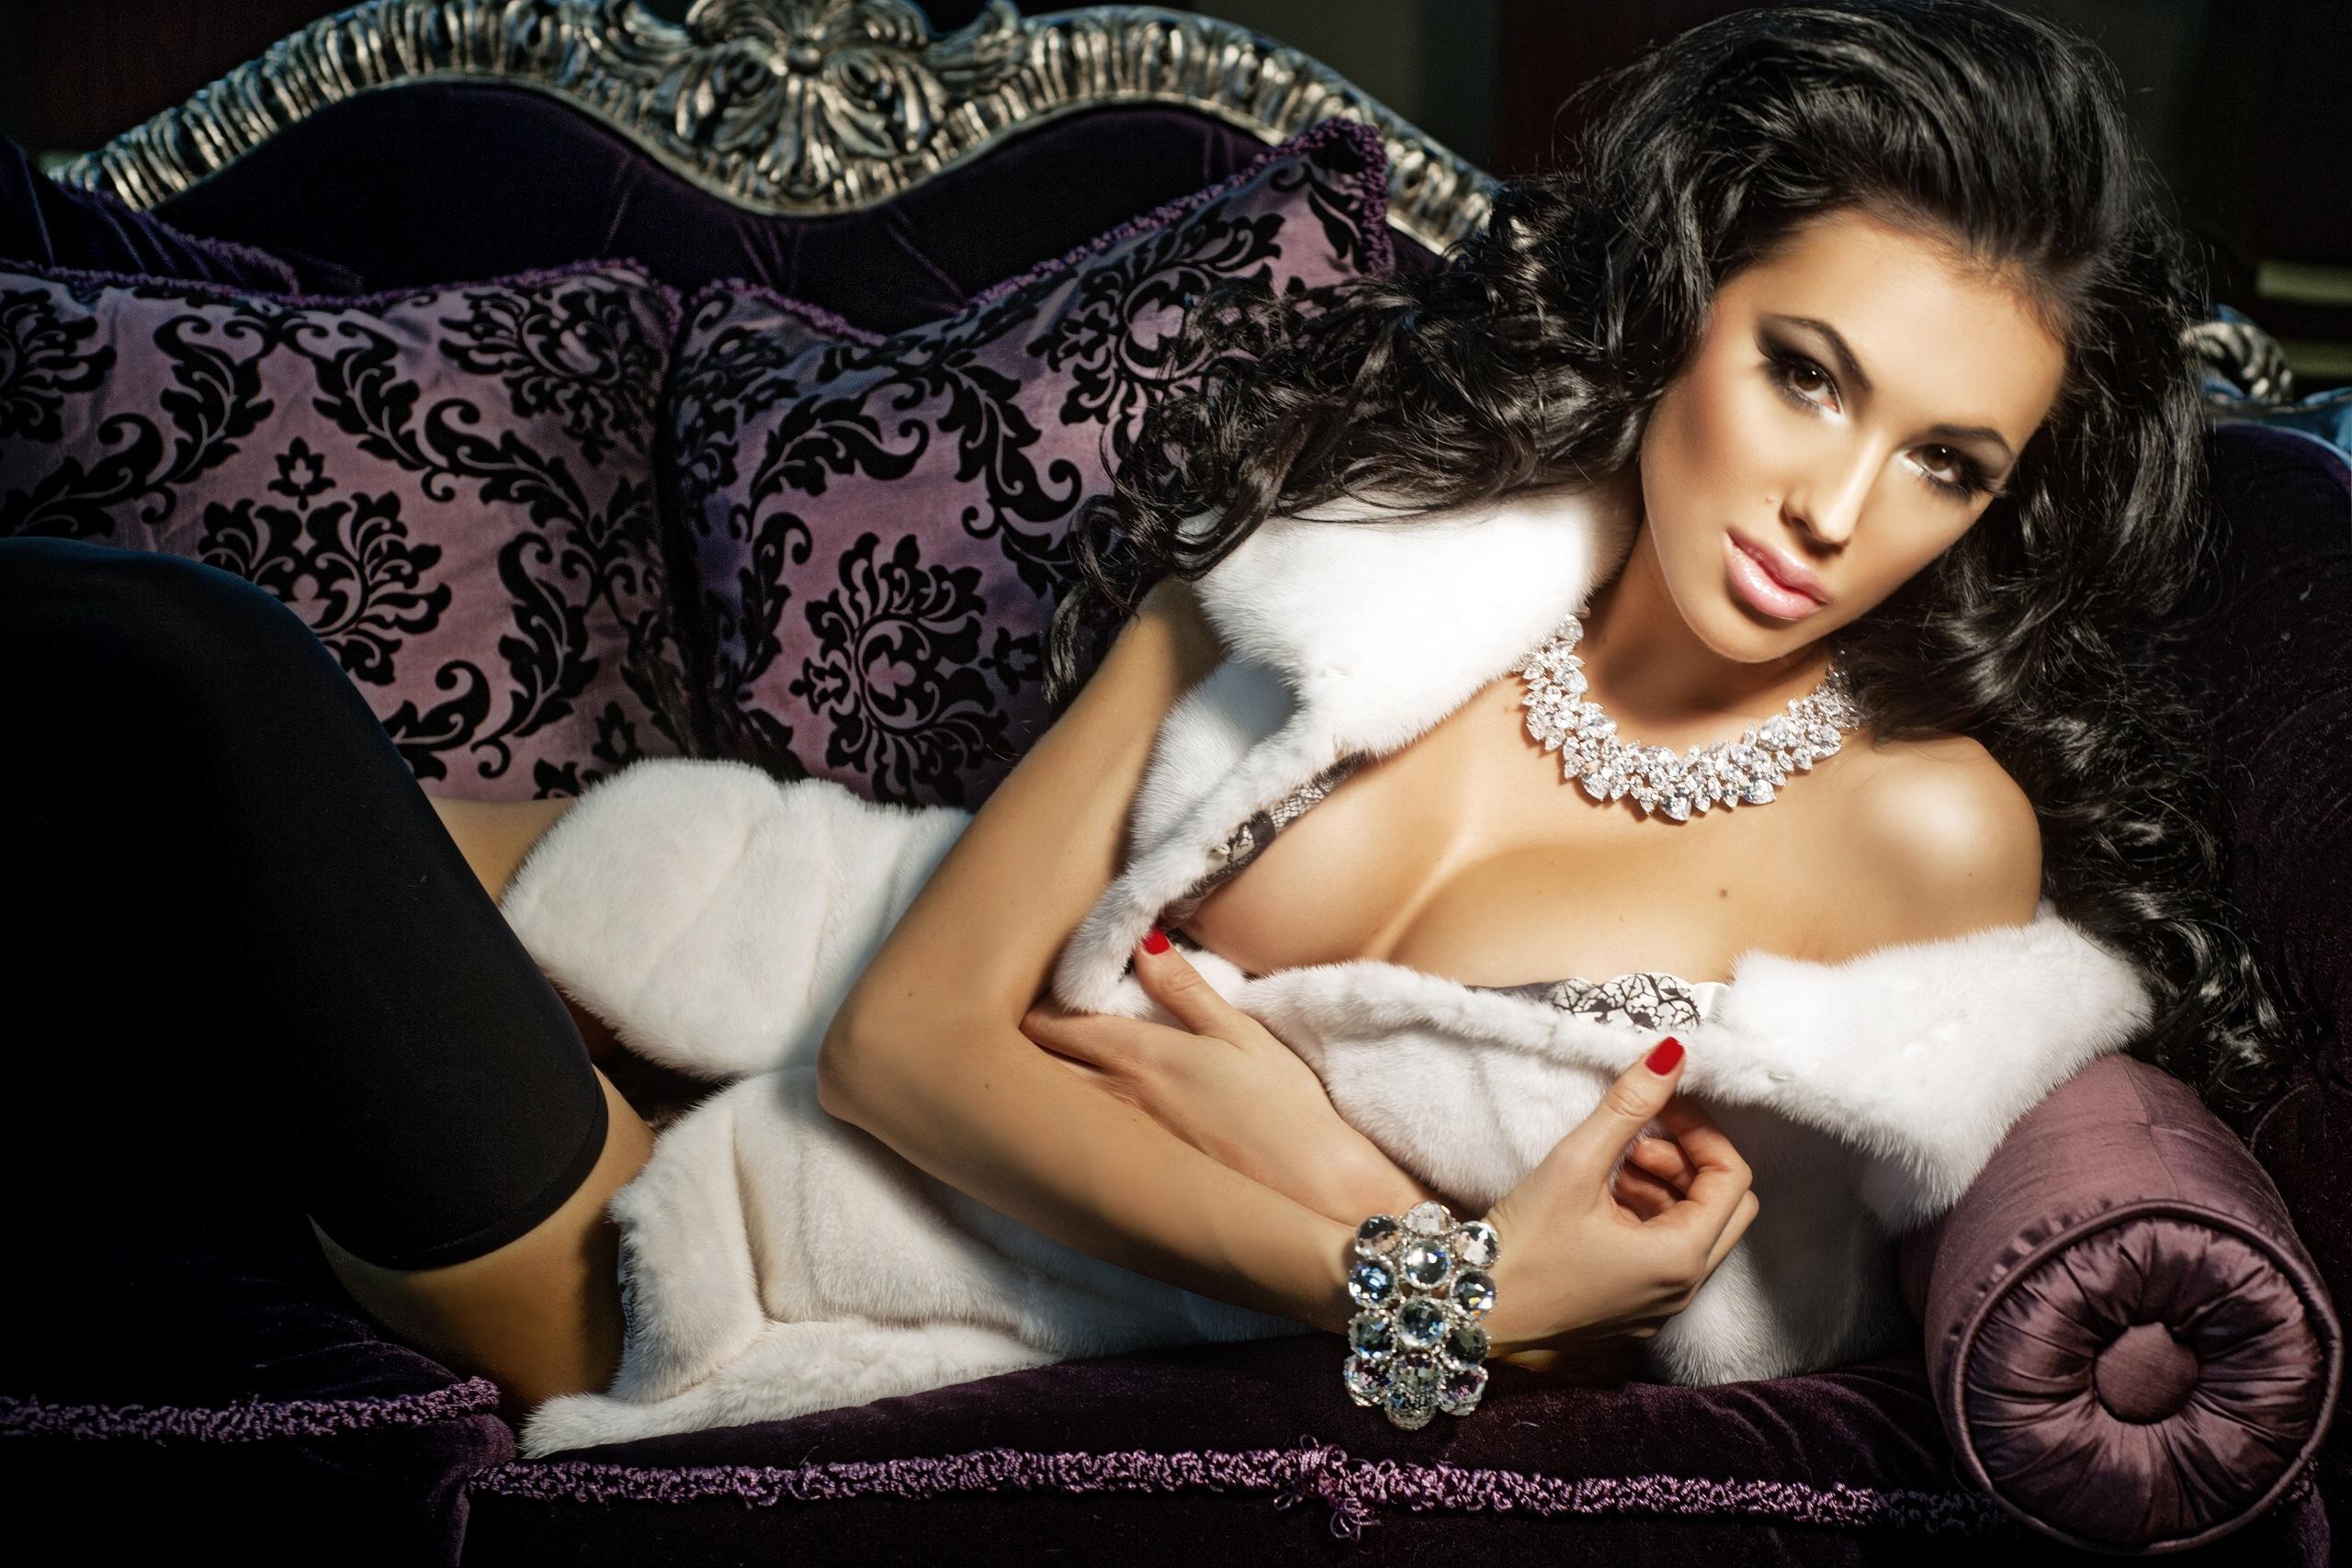 Эротические фото жен олигархов 11 фотография